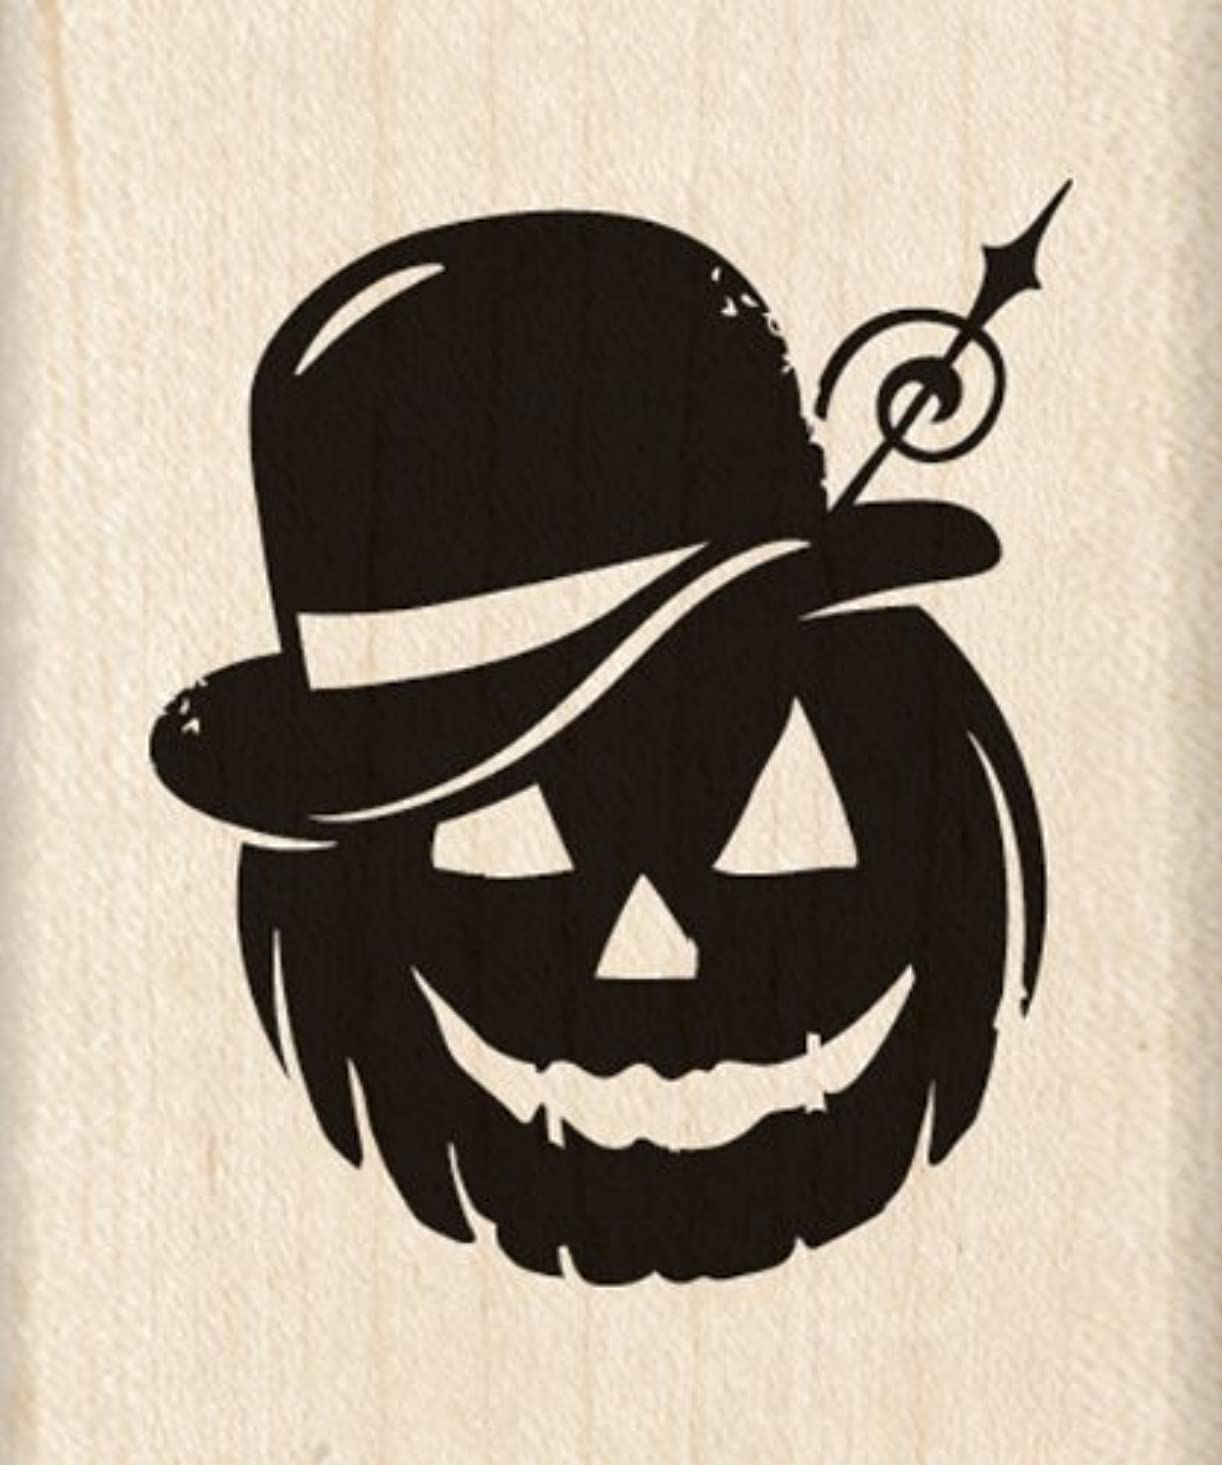 Inkadinkado Wood Stamp, Bowler Hat Pumpkin kccqs739395